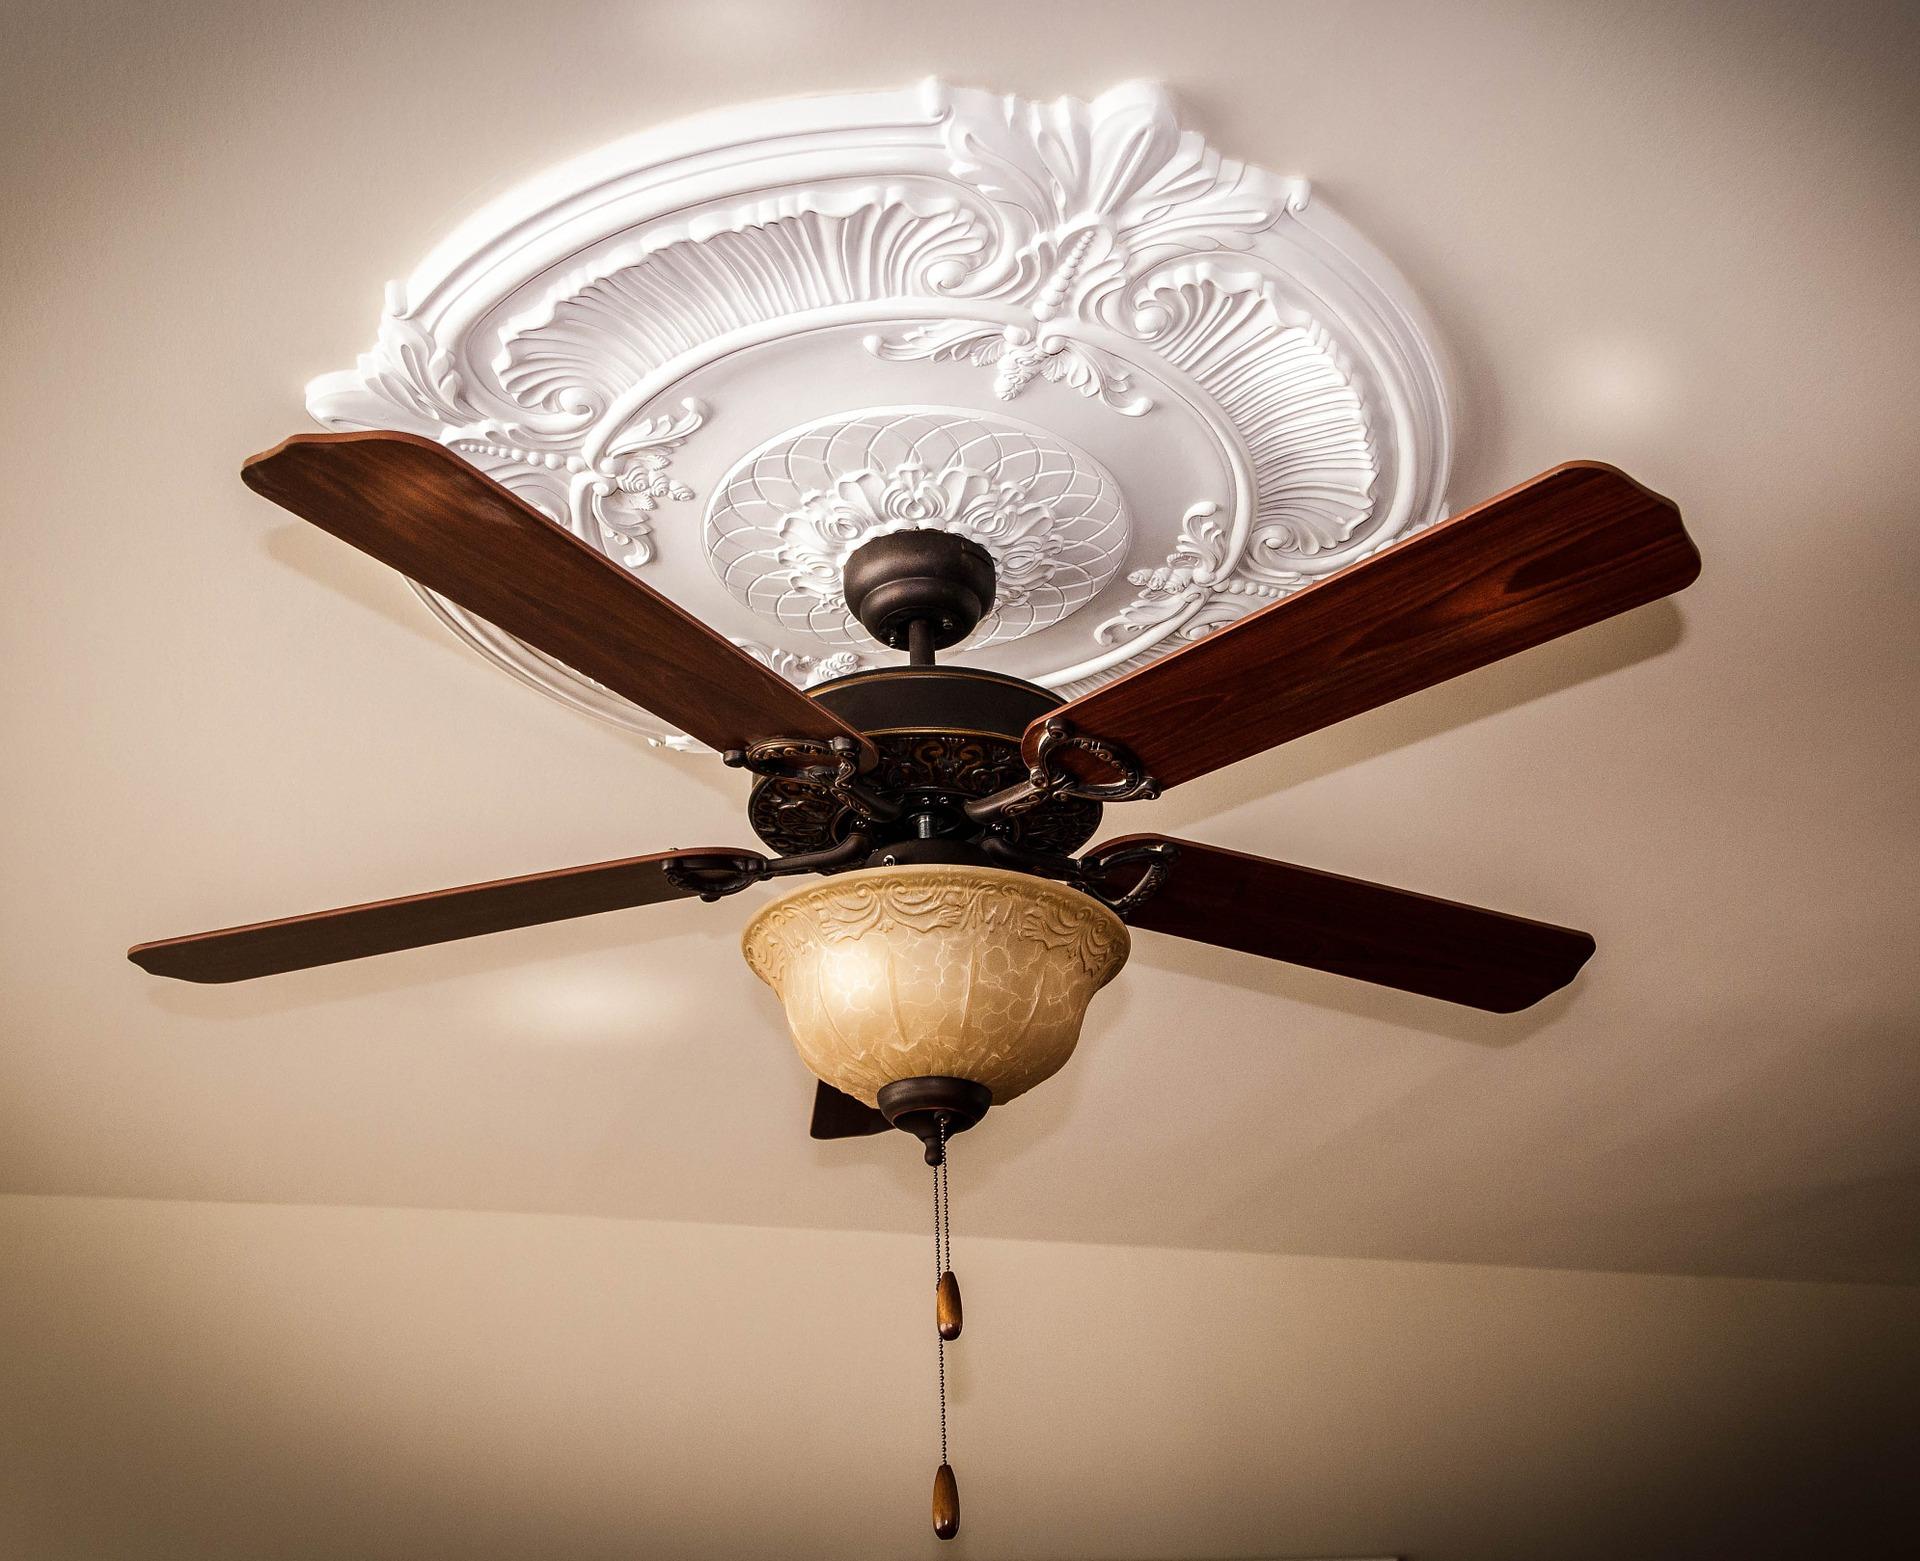 ceiling-fan-1166958_1920.jpg